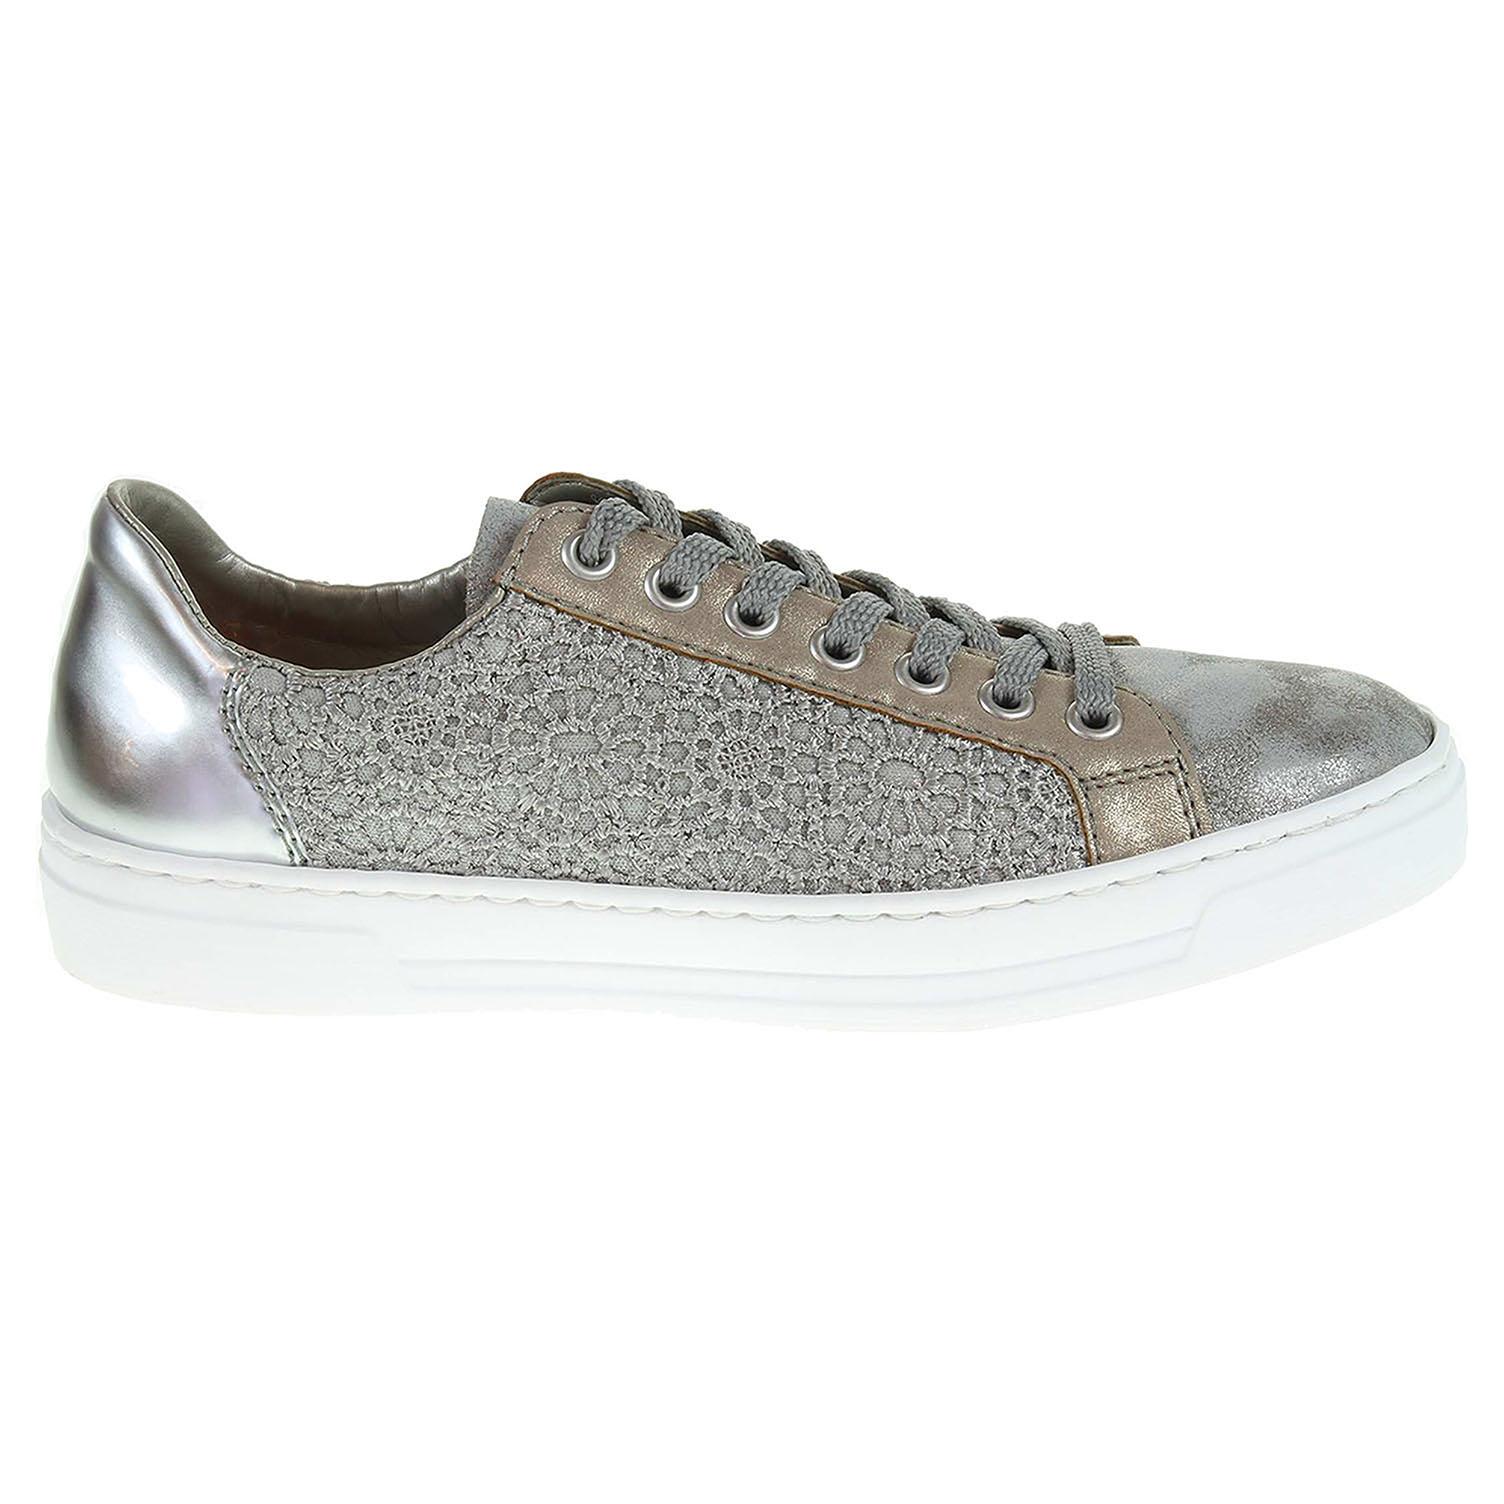 Ecco Rieker dámská obuv L8514-41 šedá 23200594